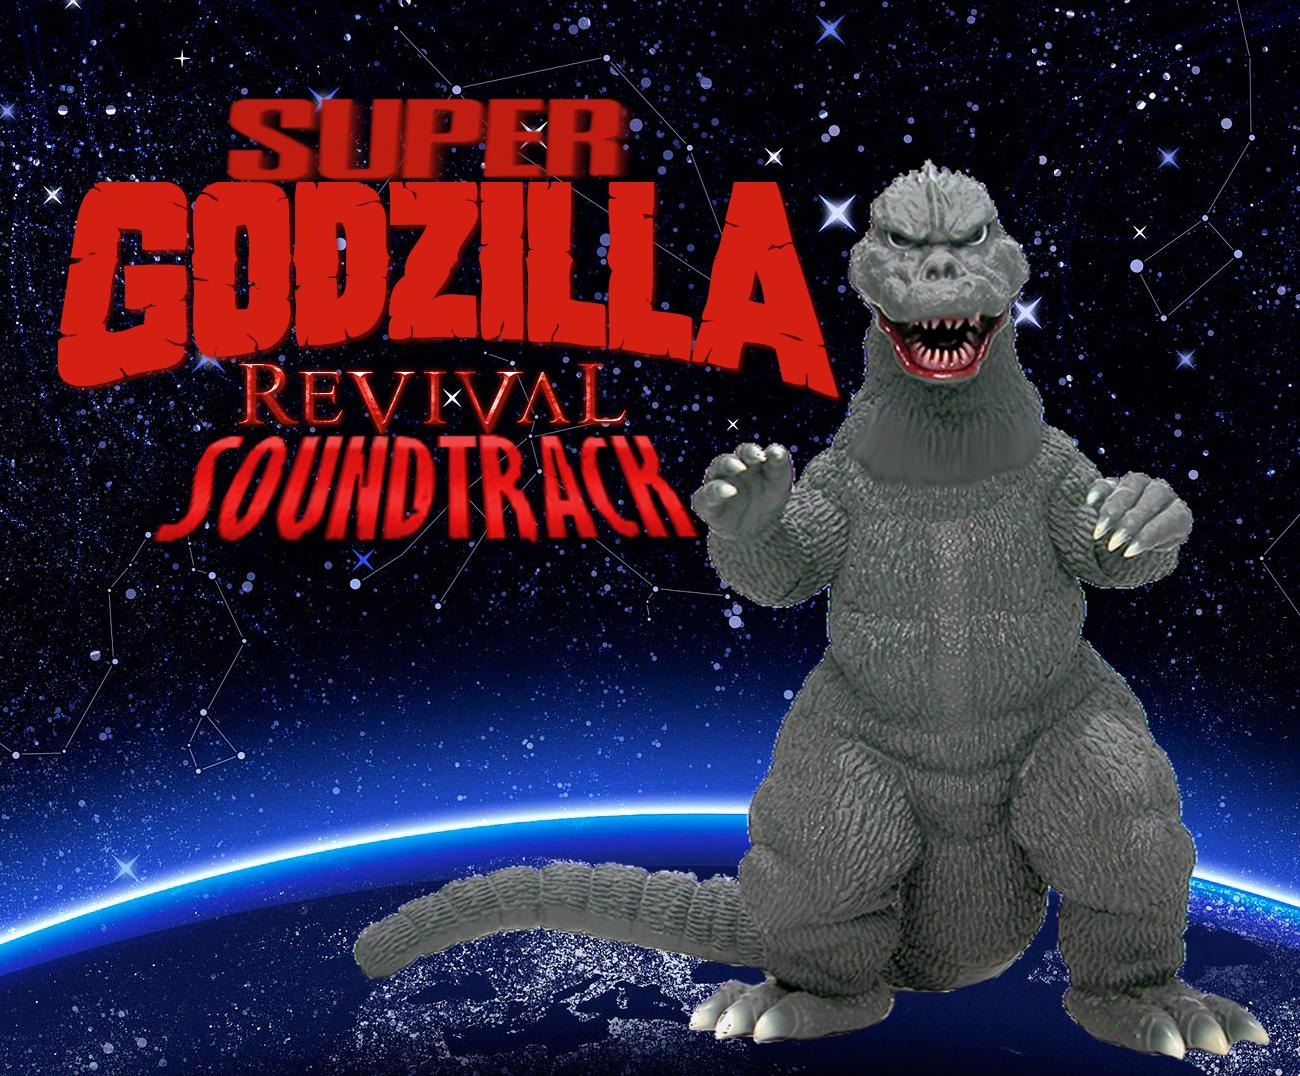 super_godzilla_revival_soundtrack_cover.png